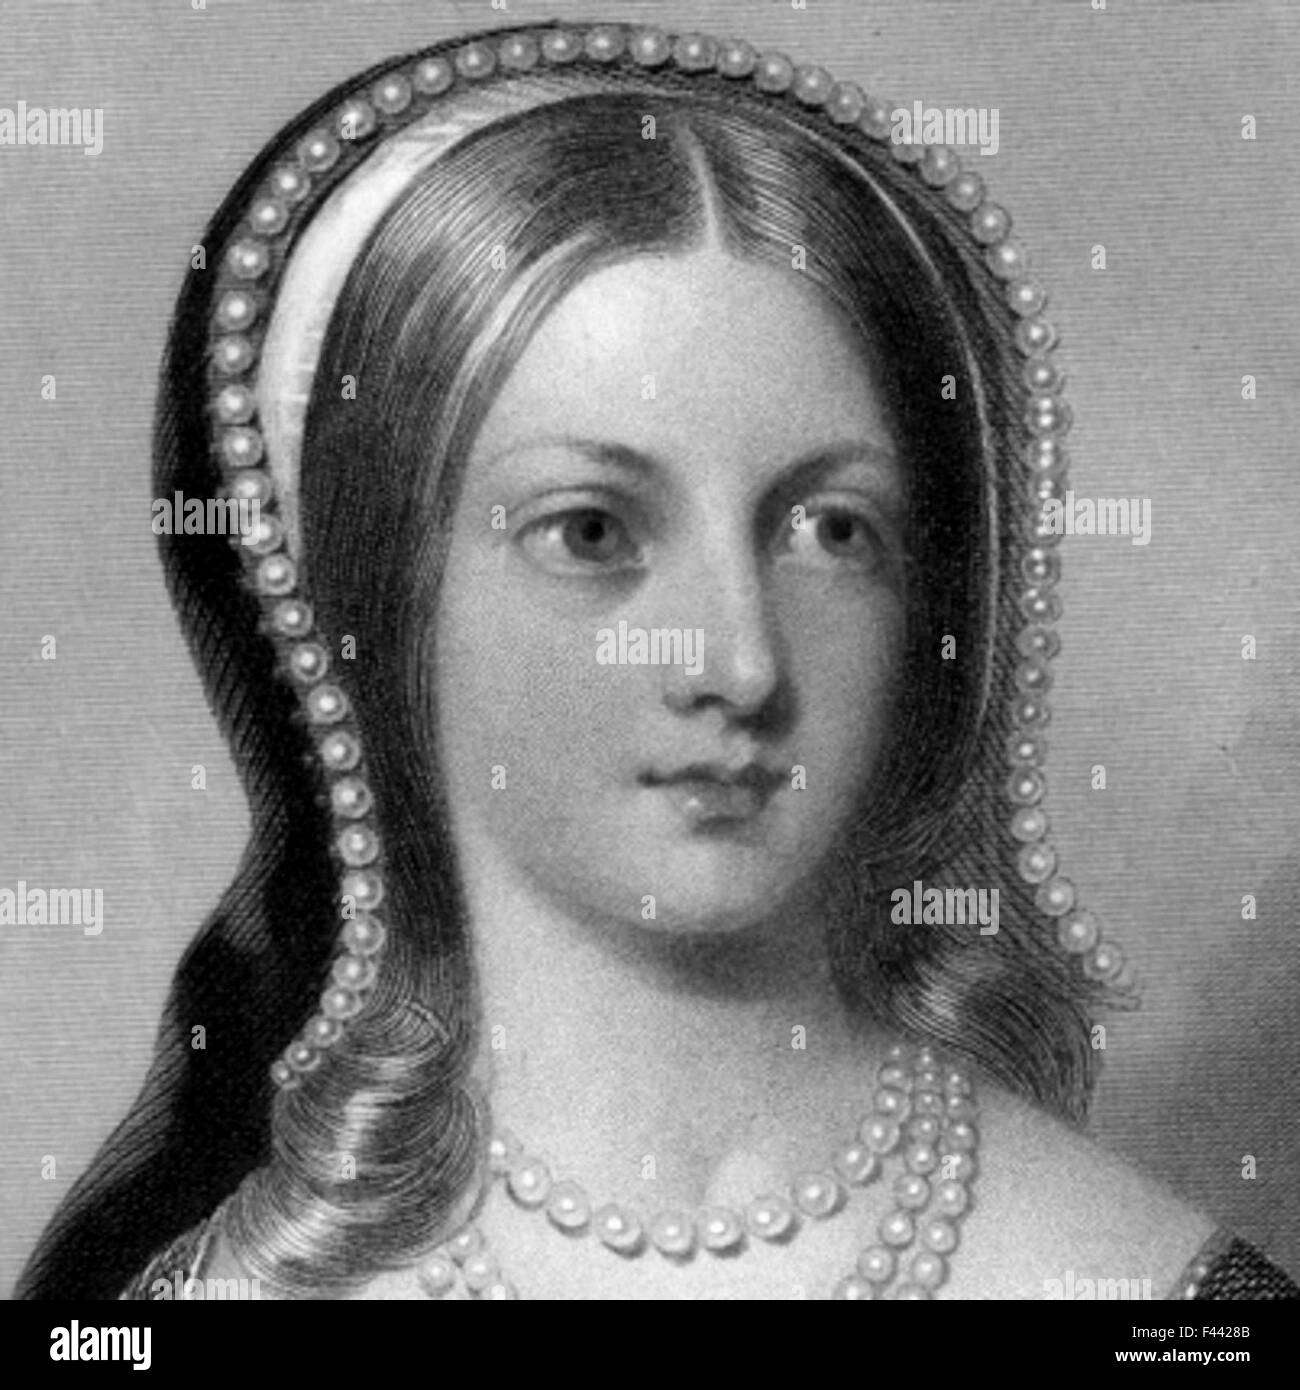 Lady Jane Grey - Stock Image